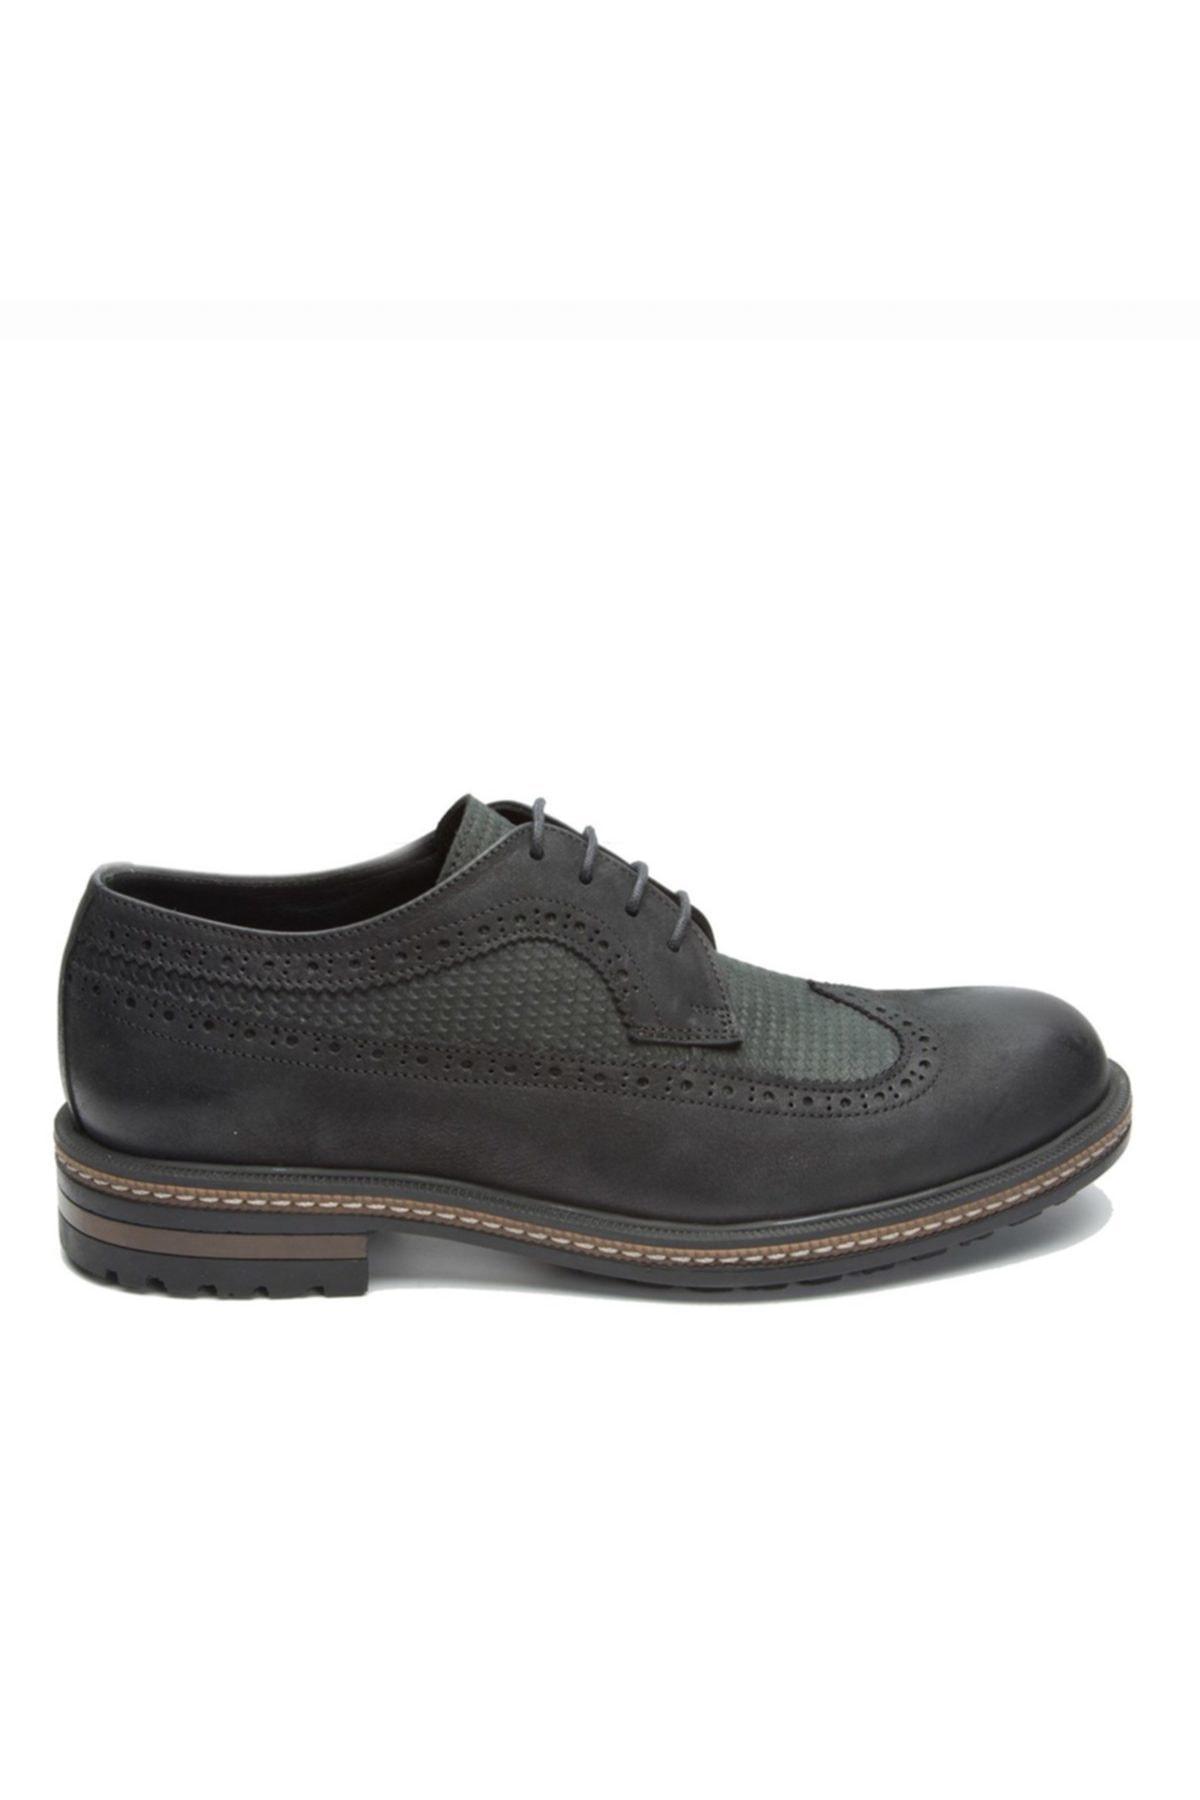 Hammer Jack Sıyah Yıkama Nubuk Erkek Klasik Ayakkabı 102 15650-M-5500 1